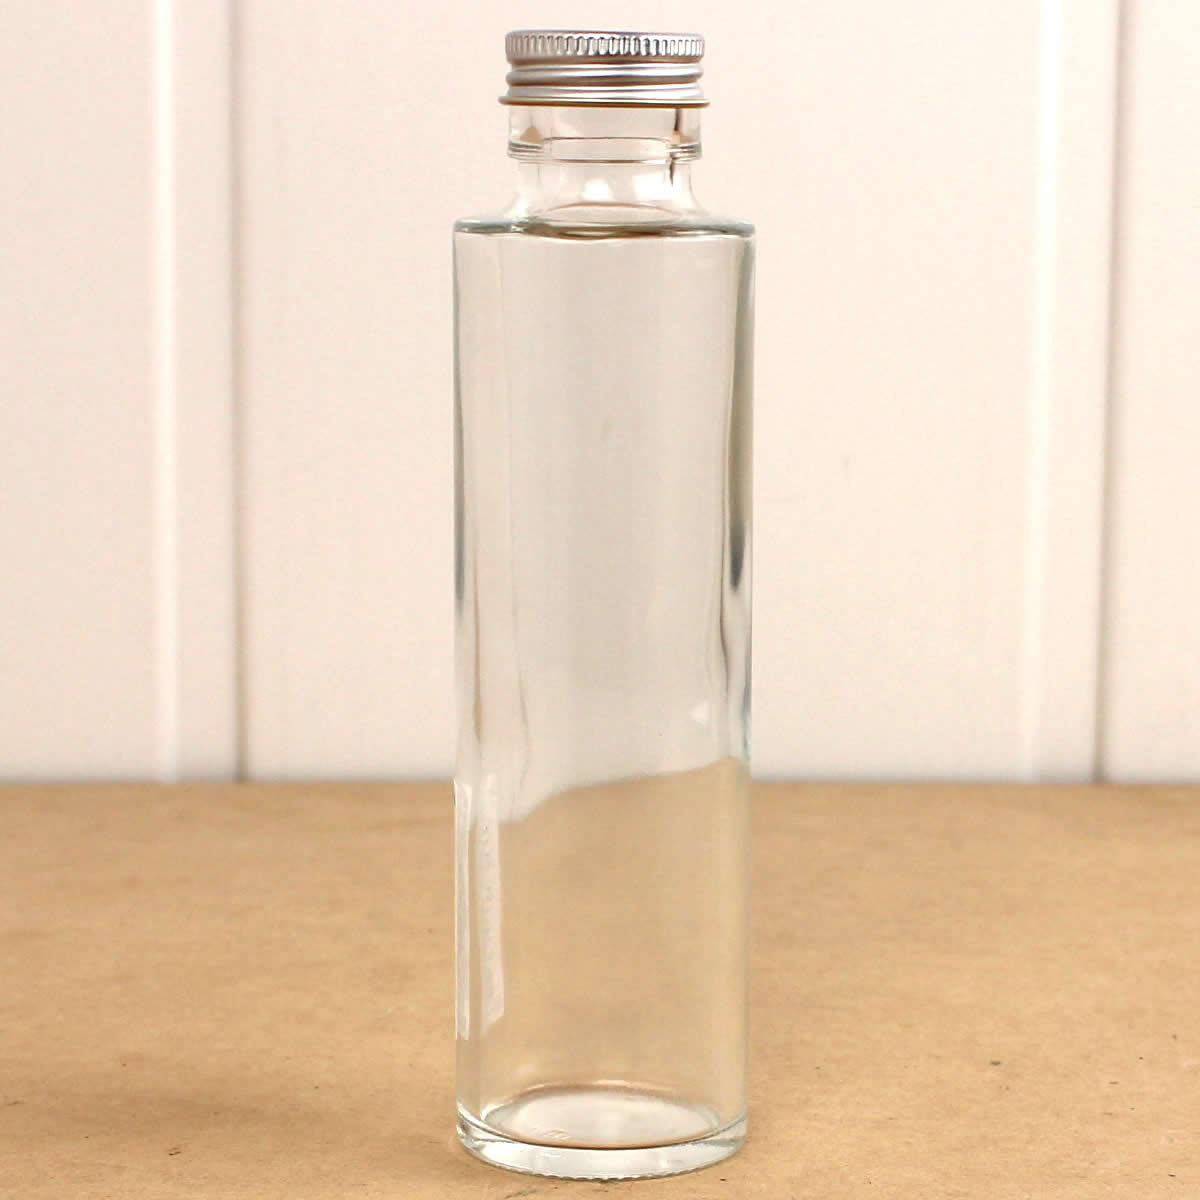 即日 ハーバリウム瓶(丸)150ml アルミ銀キャップ付《花資材・道具 ハーバリウム材料 ハーバリウム オイル》